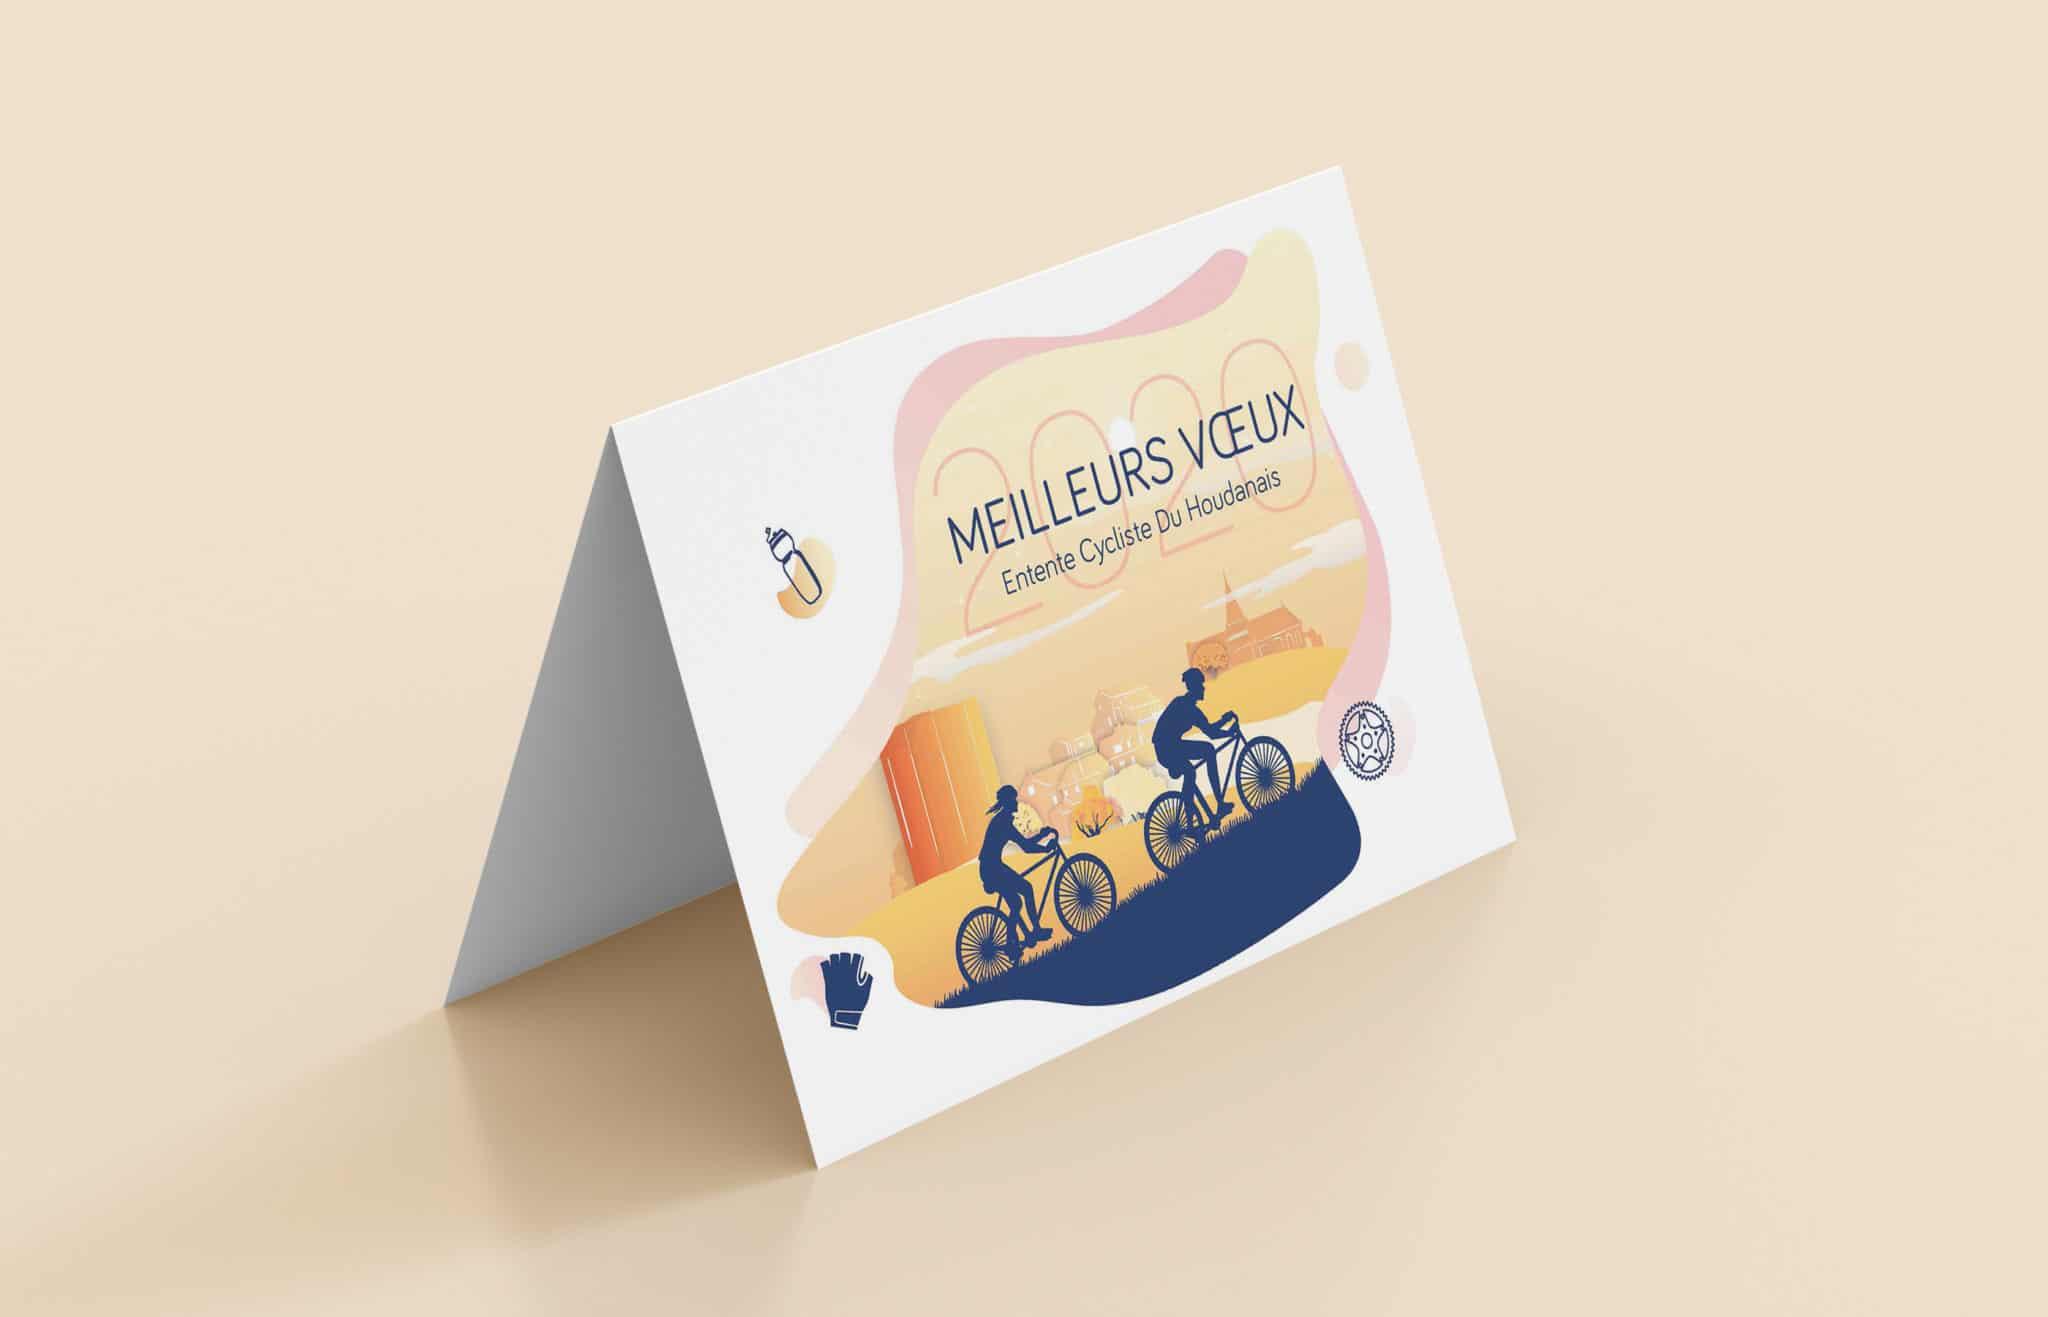 Mise en situation de la carte de voeux 2020, du club de vélo de Houdan